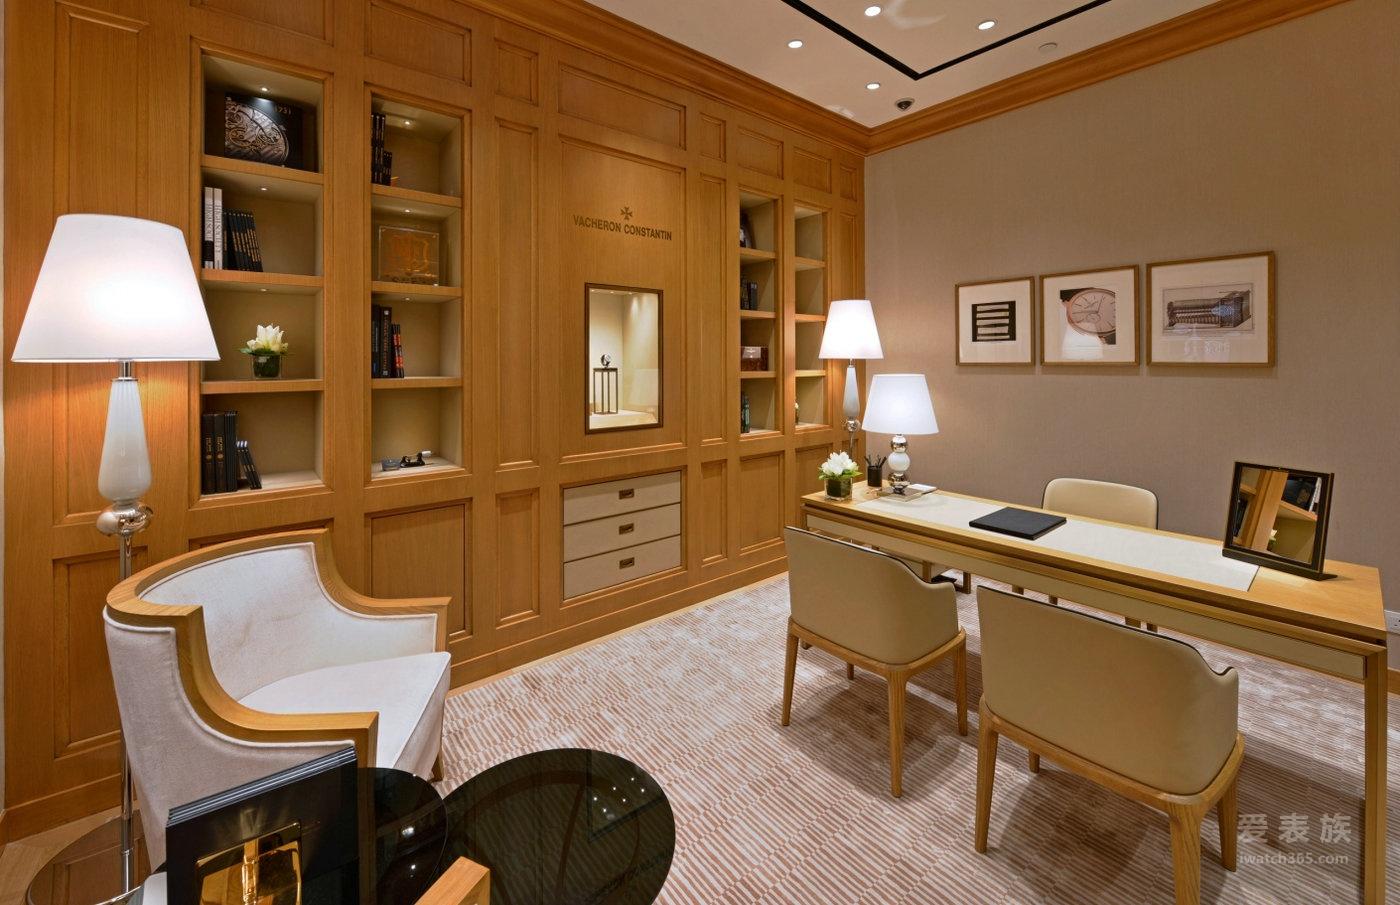 最新江诗丹顿专卖店已于澳门永利皇宫隆重开幕